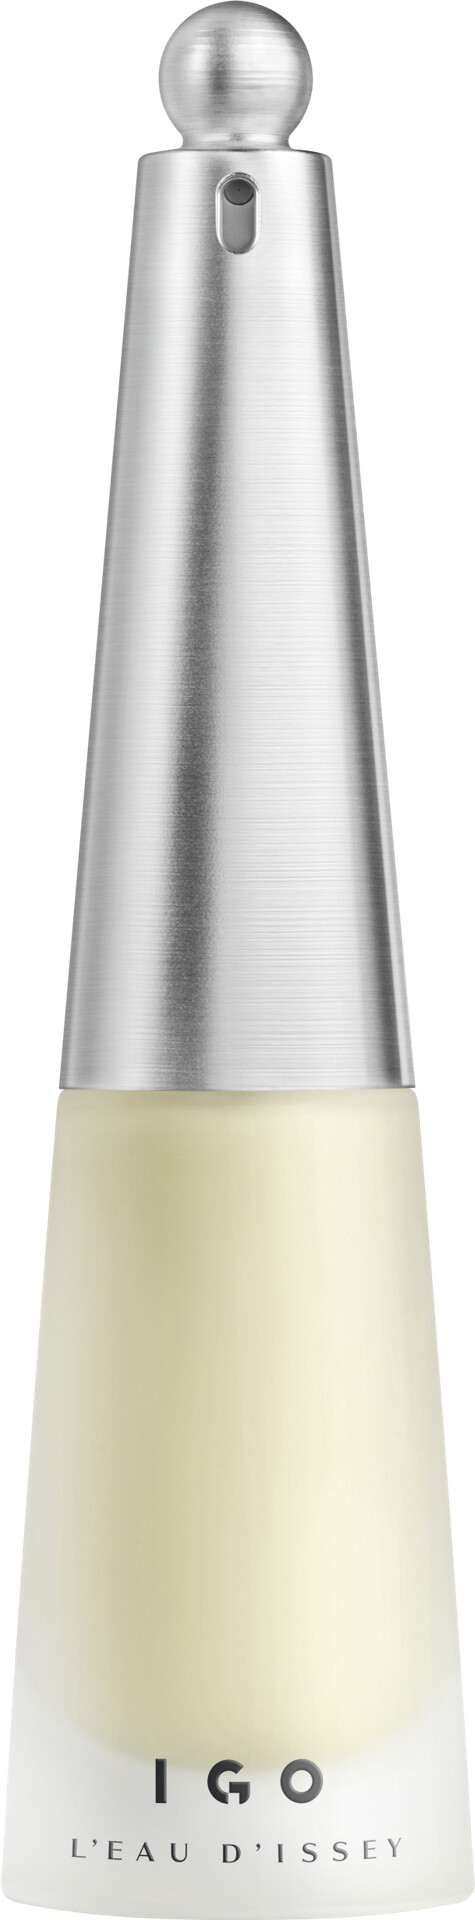 Fragrance Issey Miyake L'Eau d'Issey IGO Eau de Toilette Spray 80ml